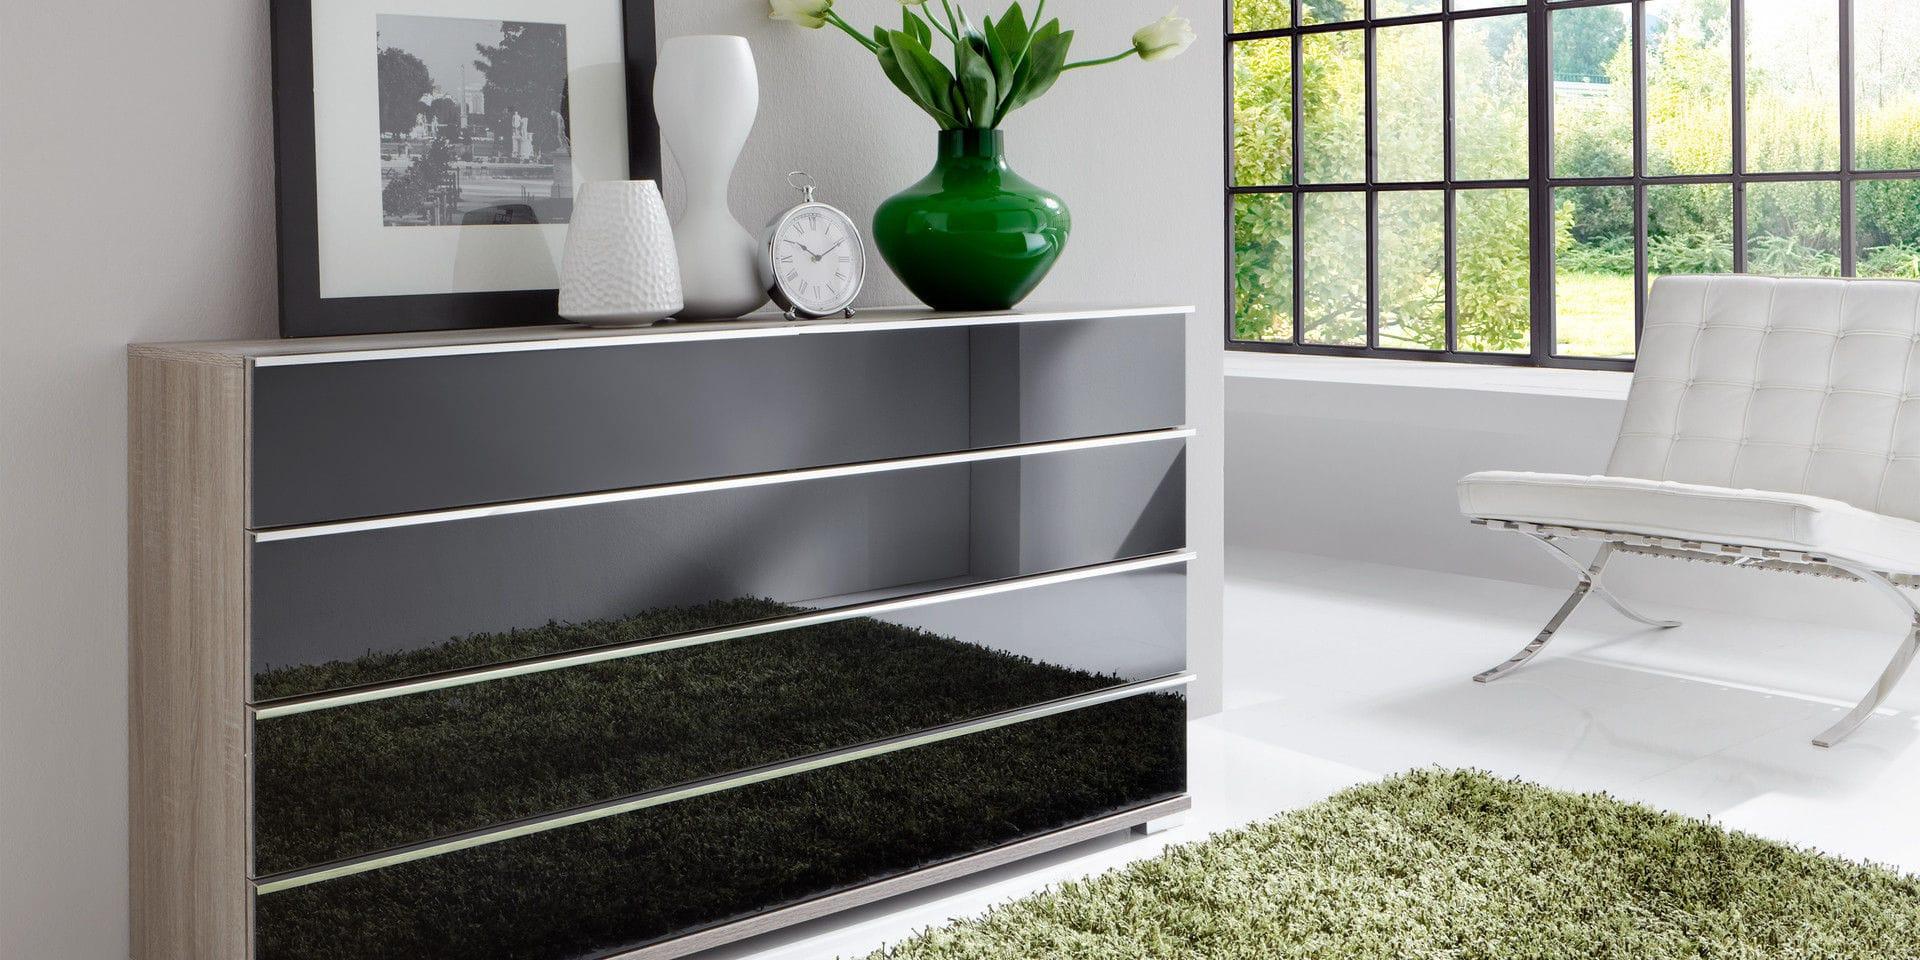 Kommode schwarz glas  Moderne Kommode / Glas / schwarz - LOFT - Wiemann